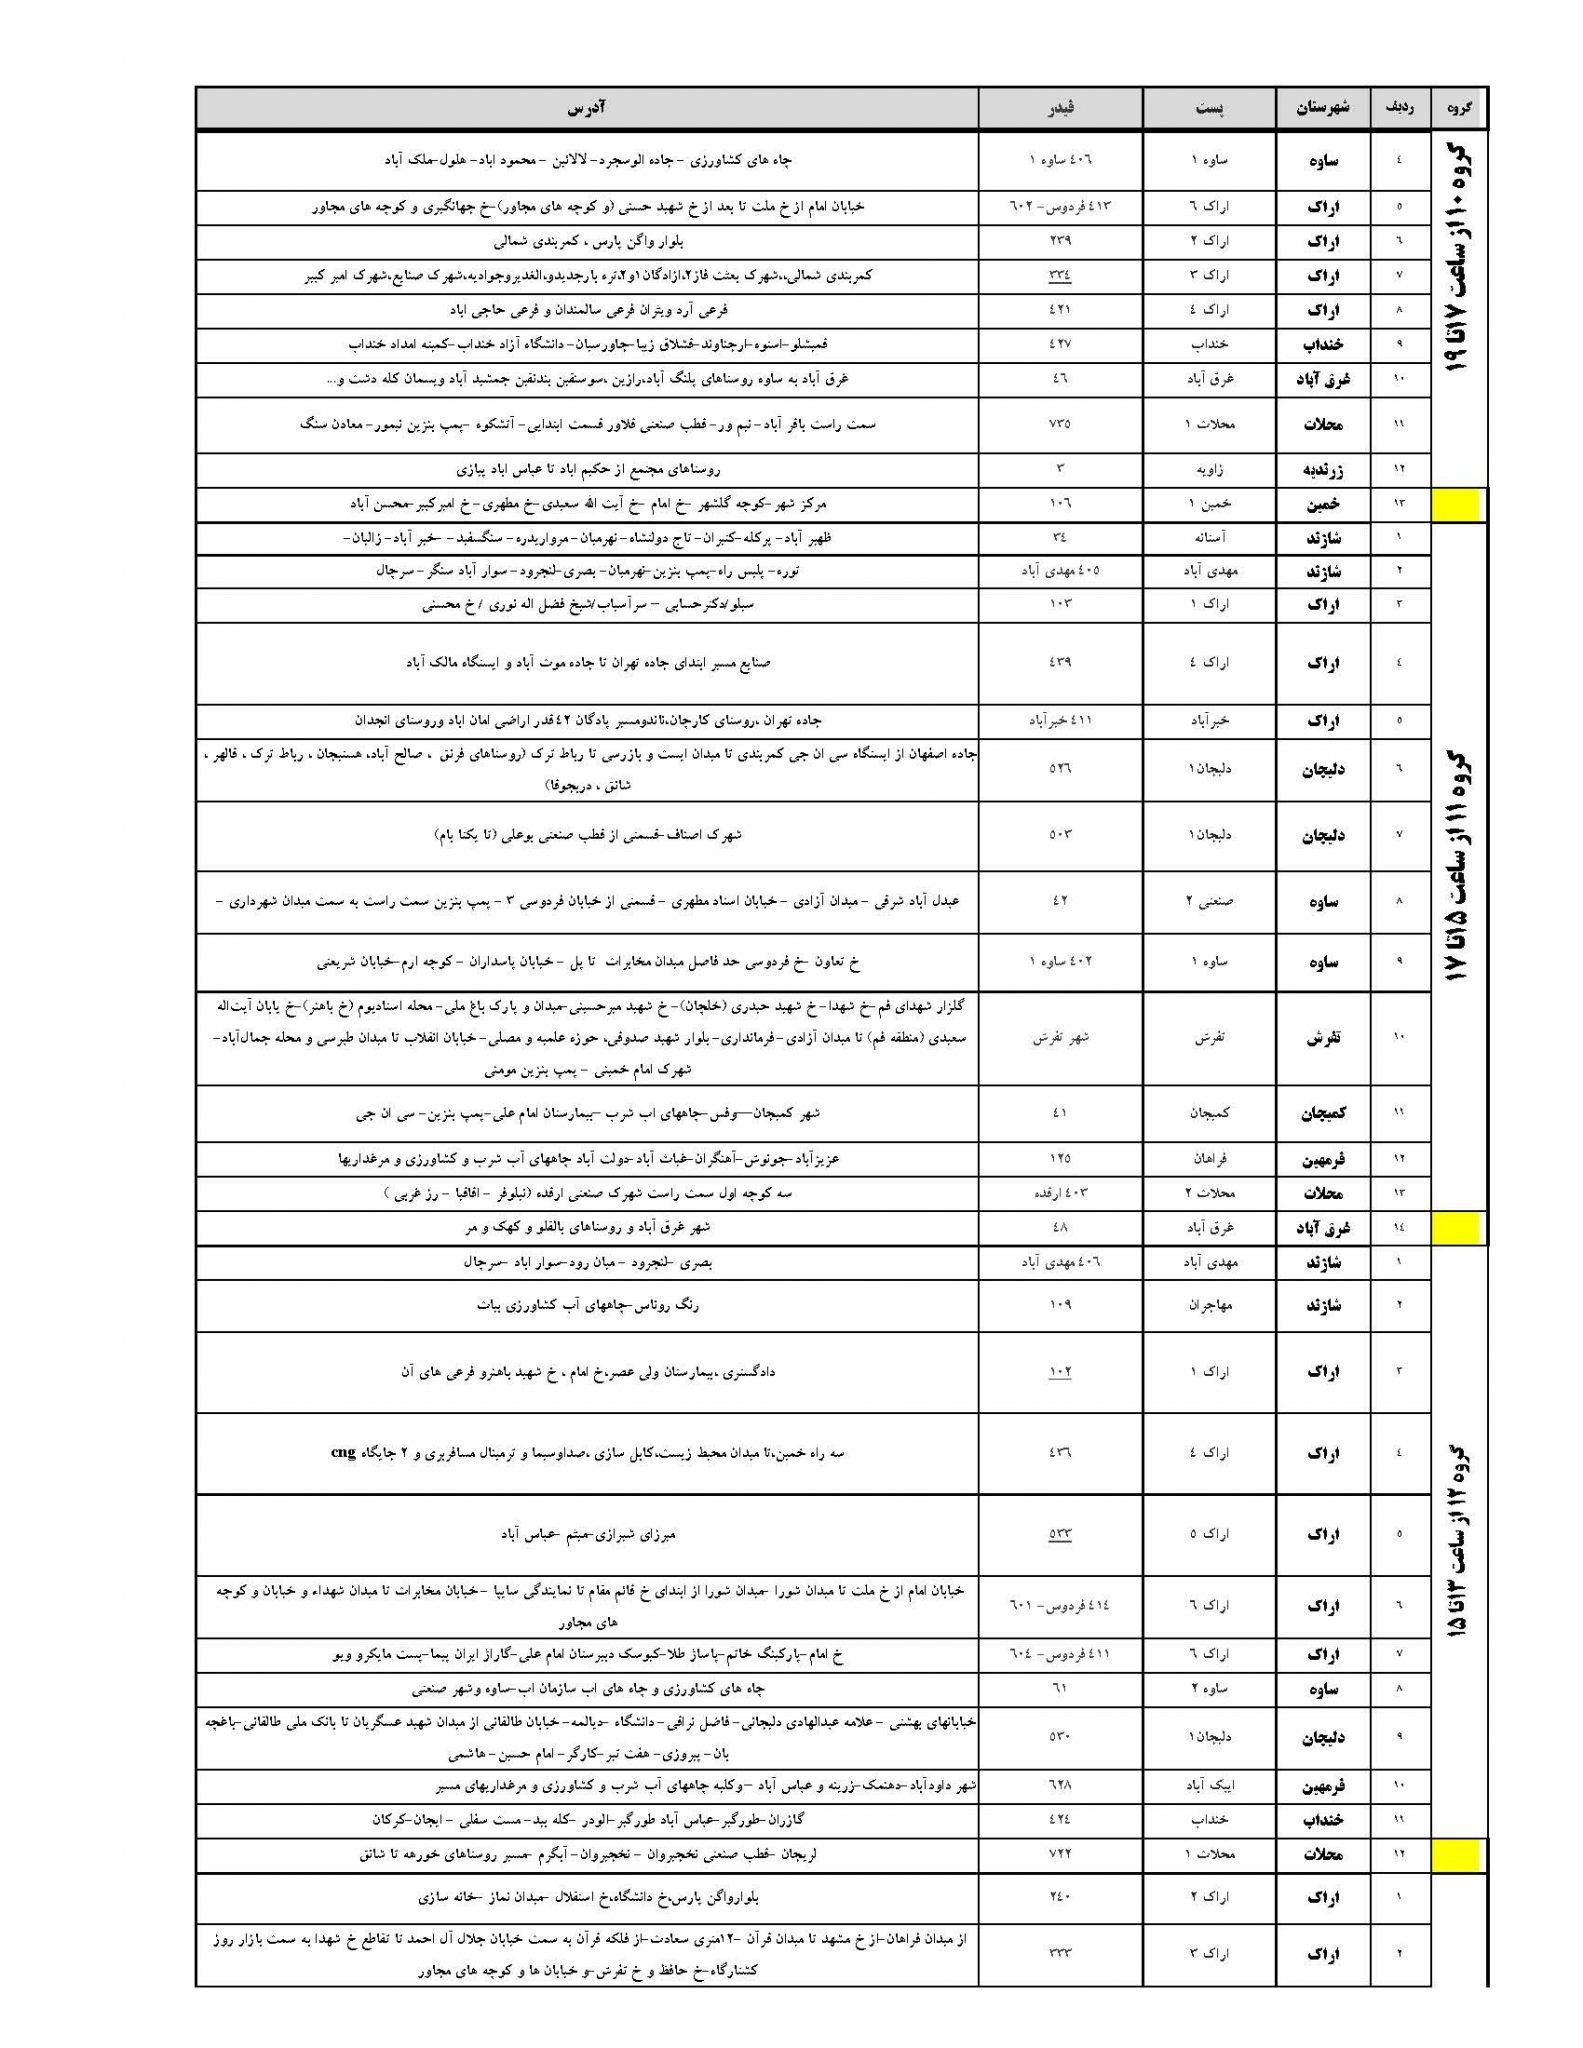 برنامه قطعی برق مرکزی سه شنبه 2 مرداد 97,جدول قطعی برق مرکزی سه شنبه 2 مرداد 97,قطعی برق مرکزی 2 مرداد 97